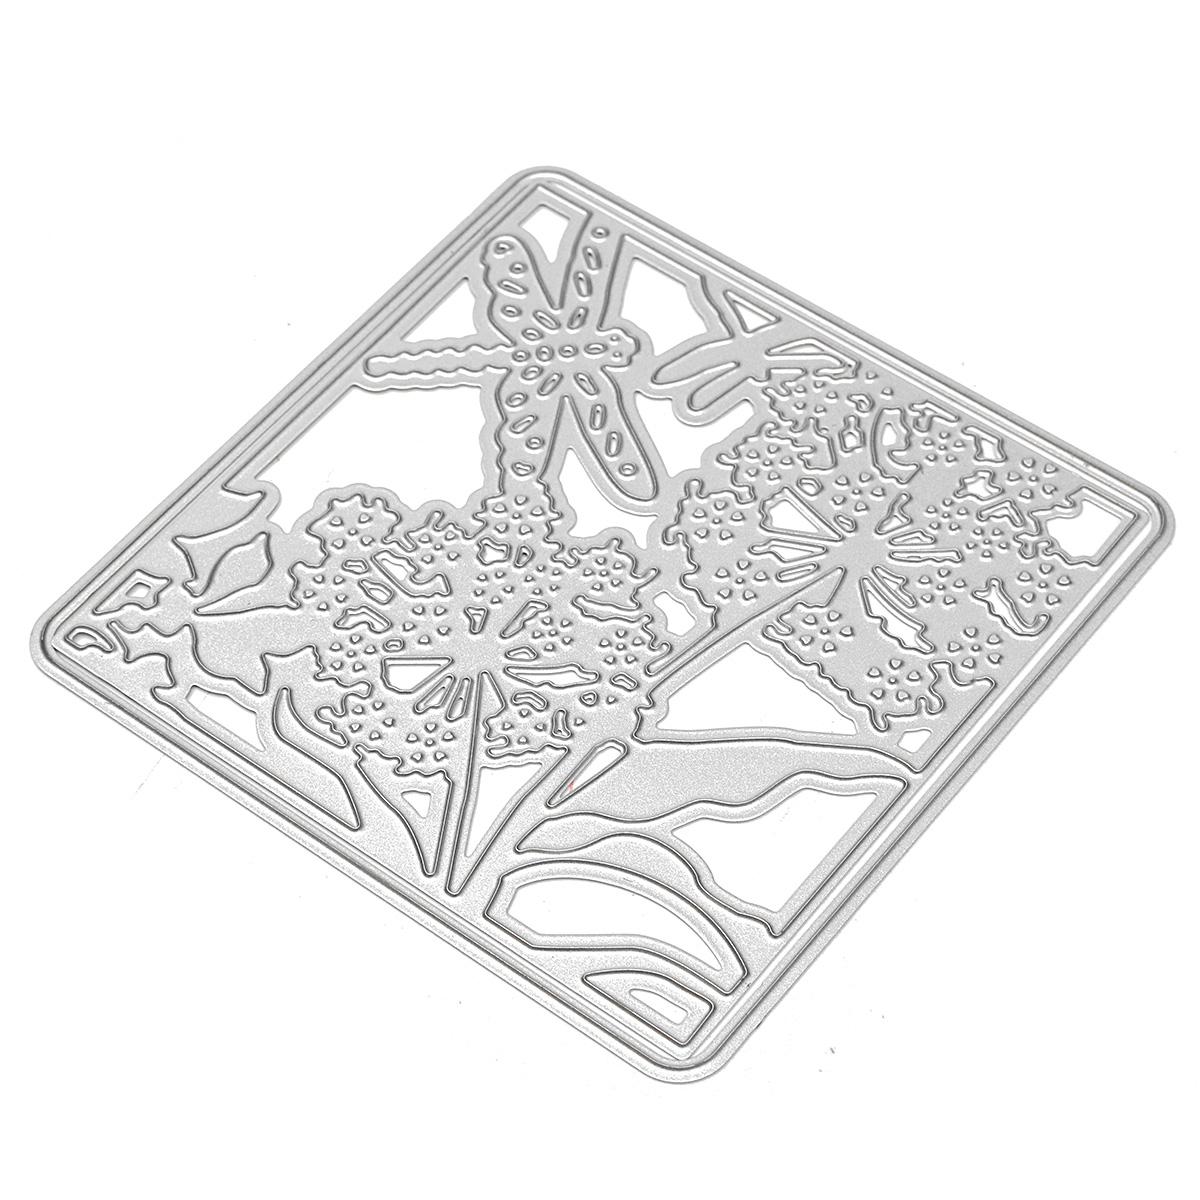 Flower Dragonfly Cutting Dies Stencil DIY Scrapbook Photo Album Cards Paper Decor Craft